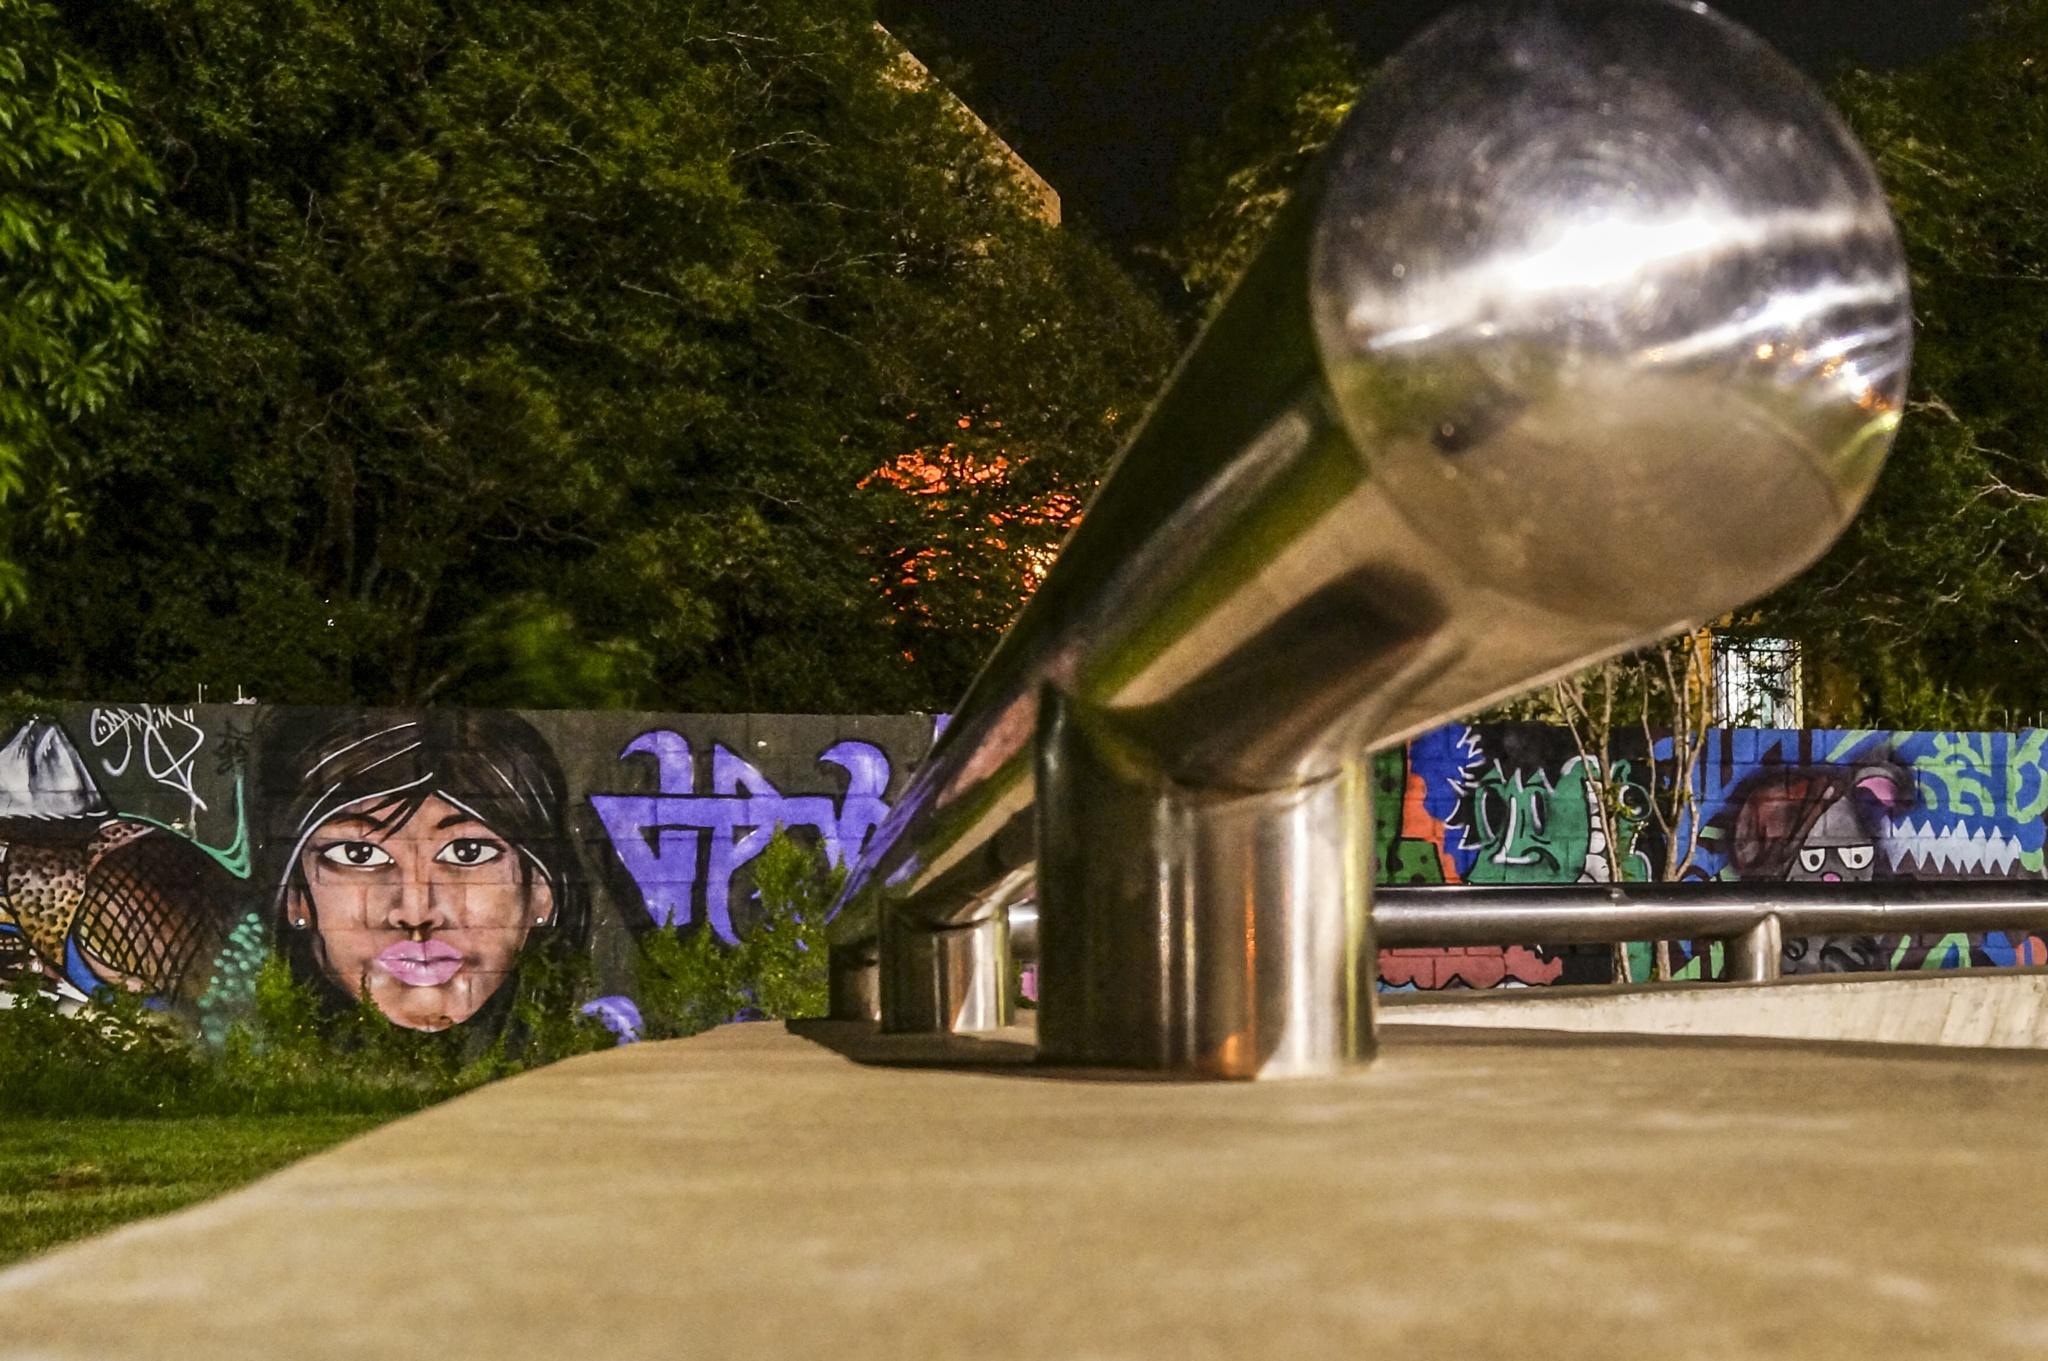 grafite by Idanir Pawelkiewicz